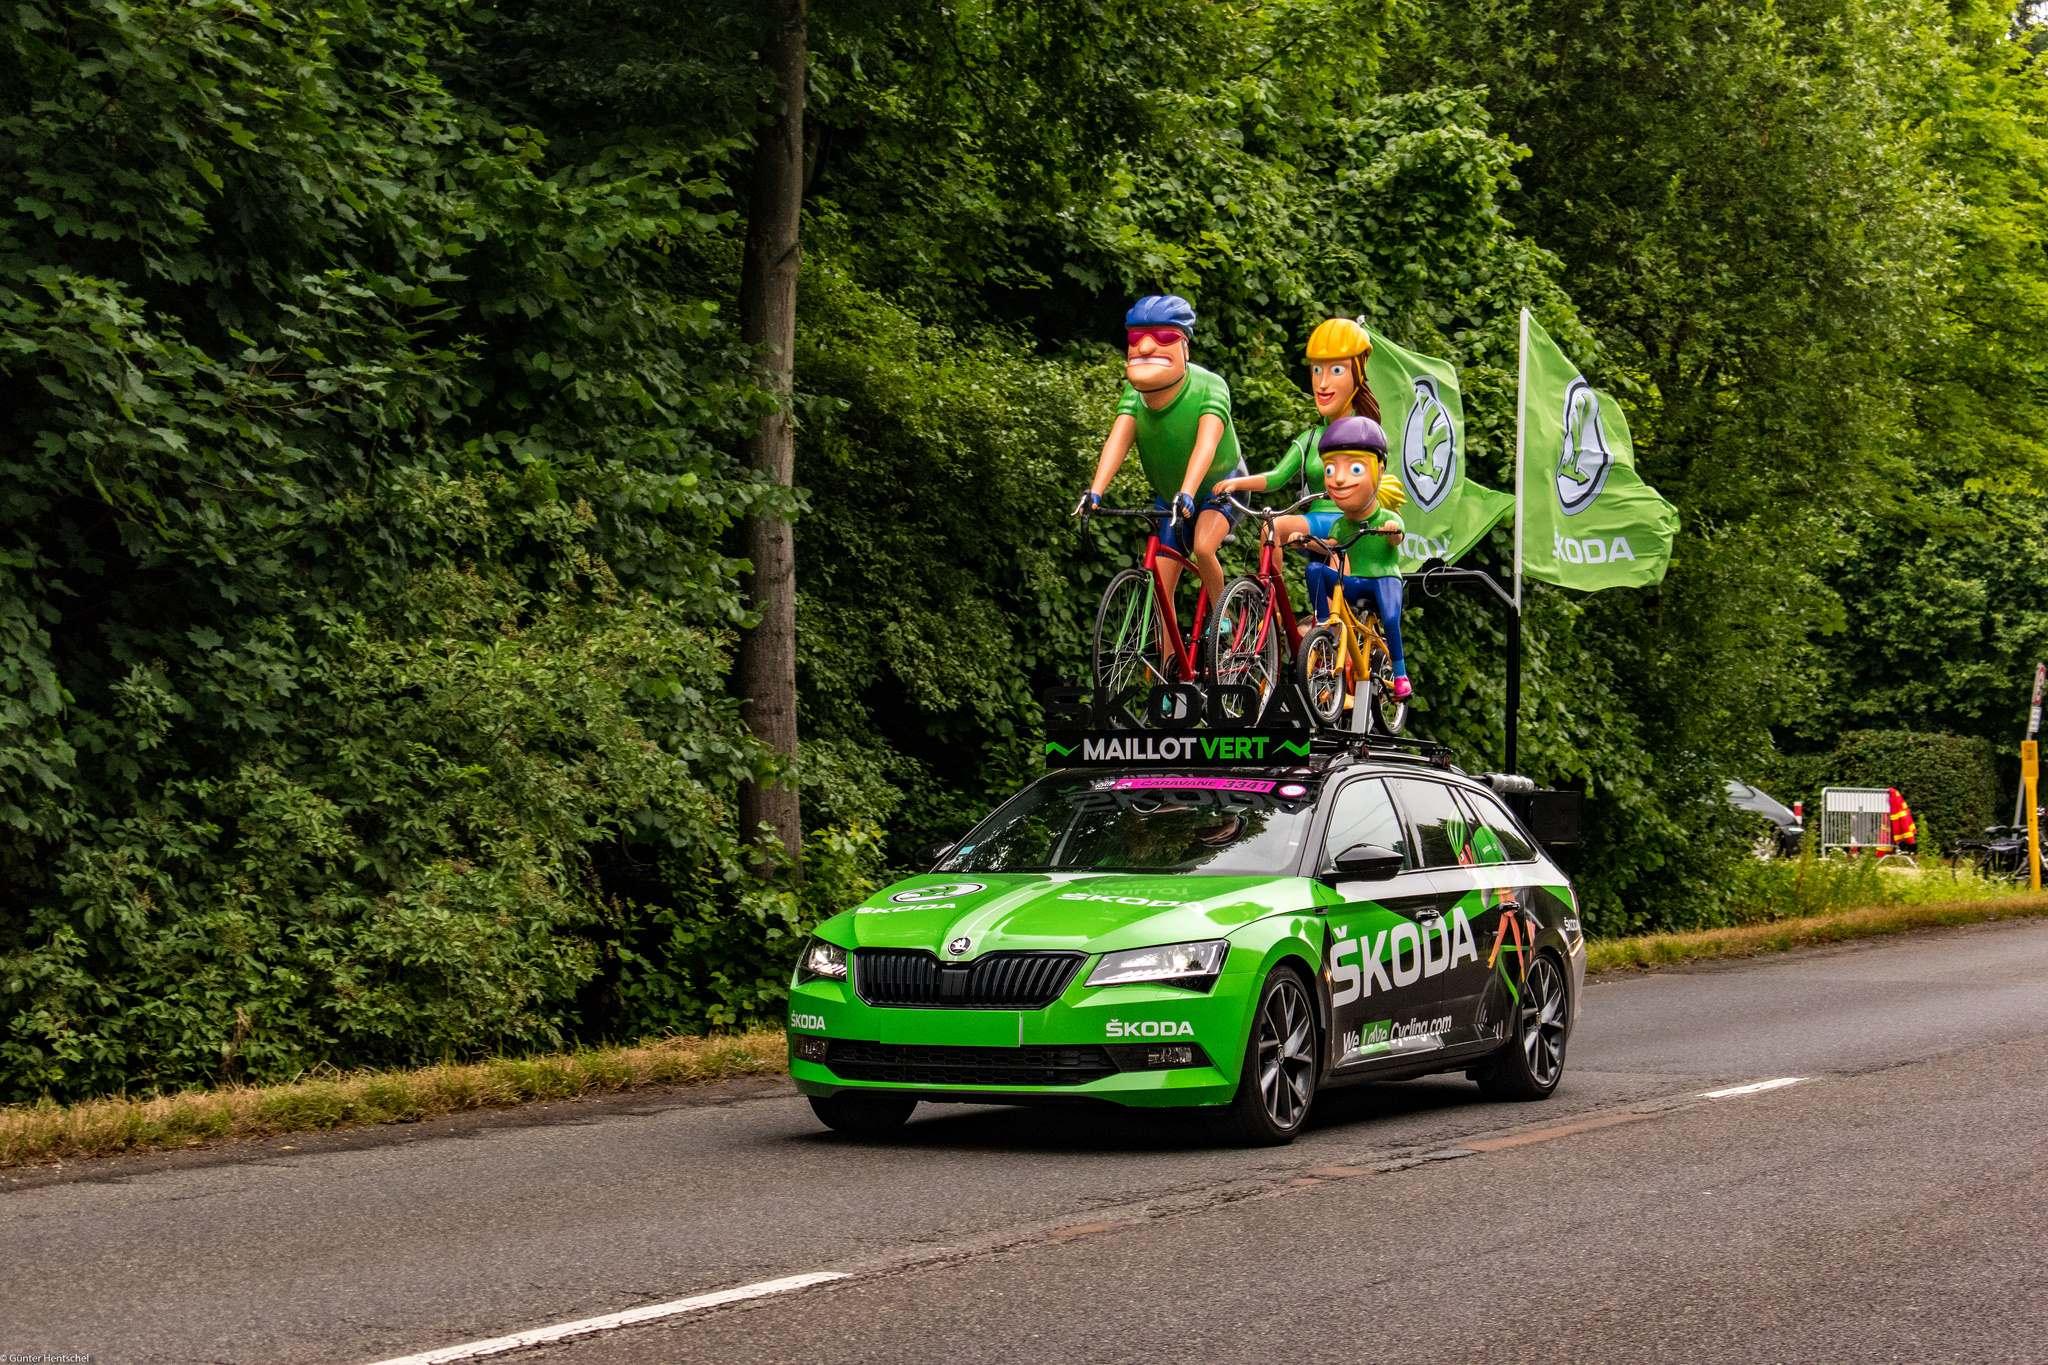 le tour2 Caravan Before the Start of the Tour de France   Dusseldorf